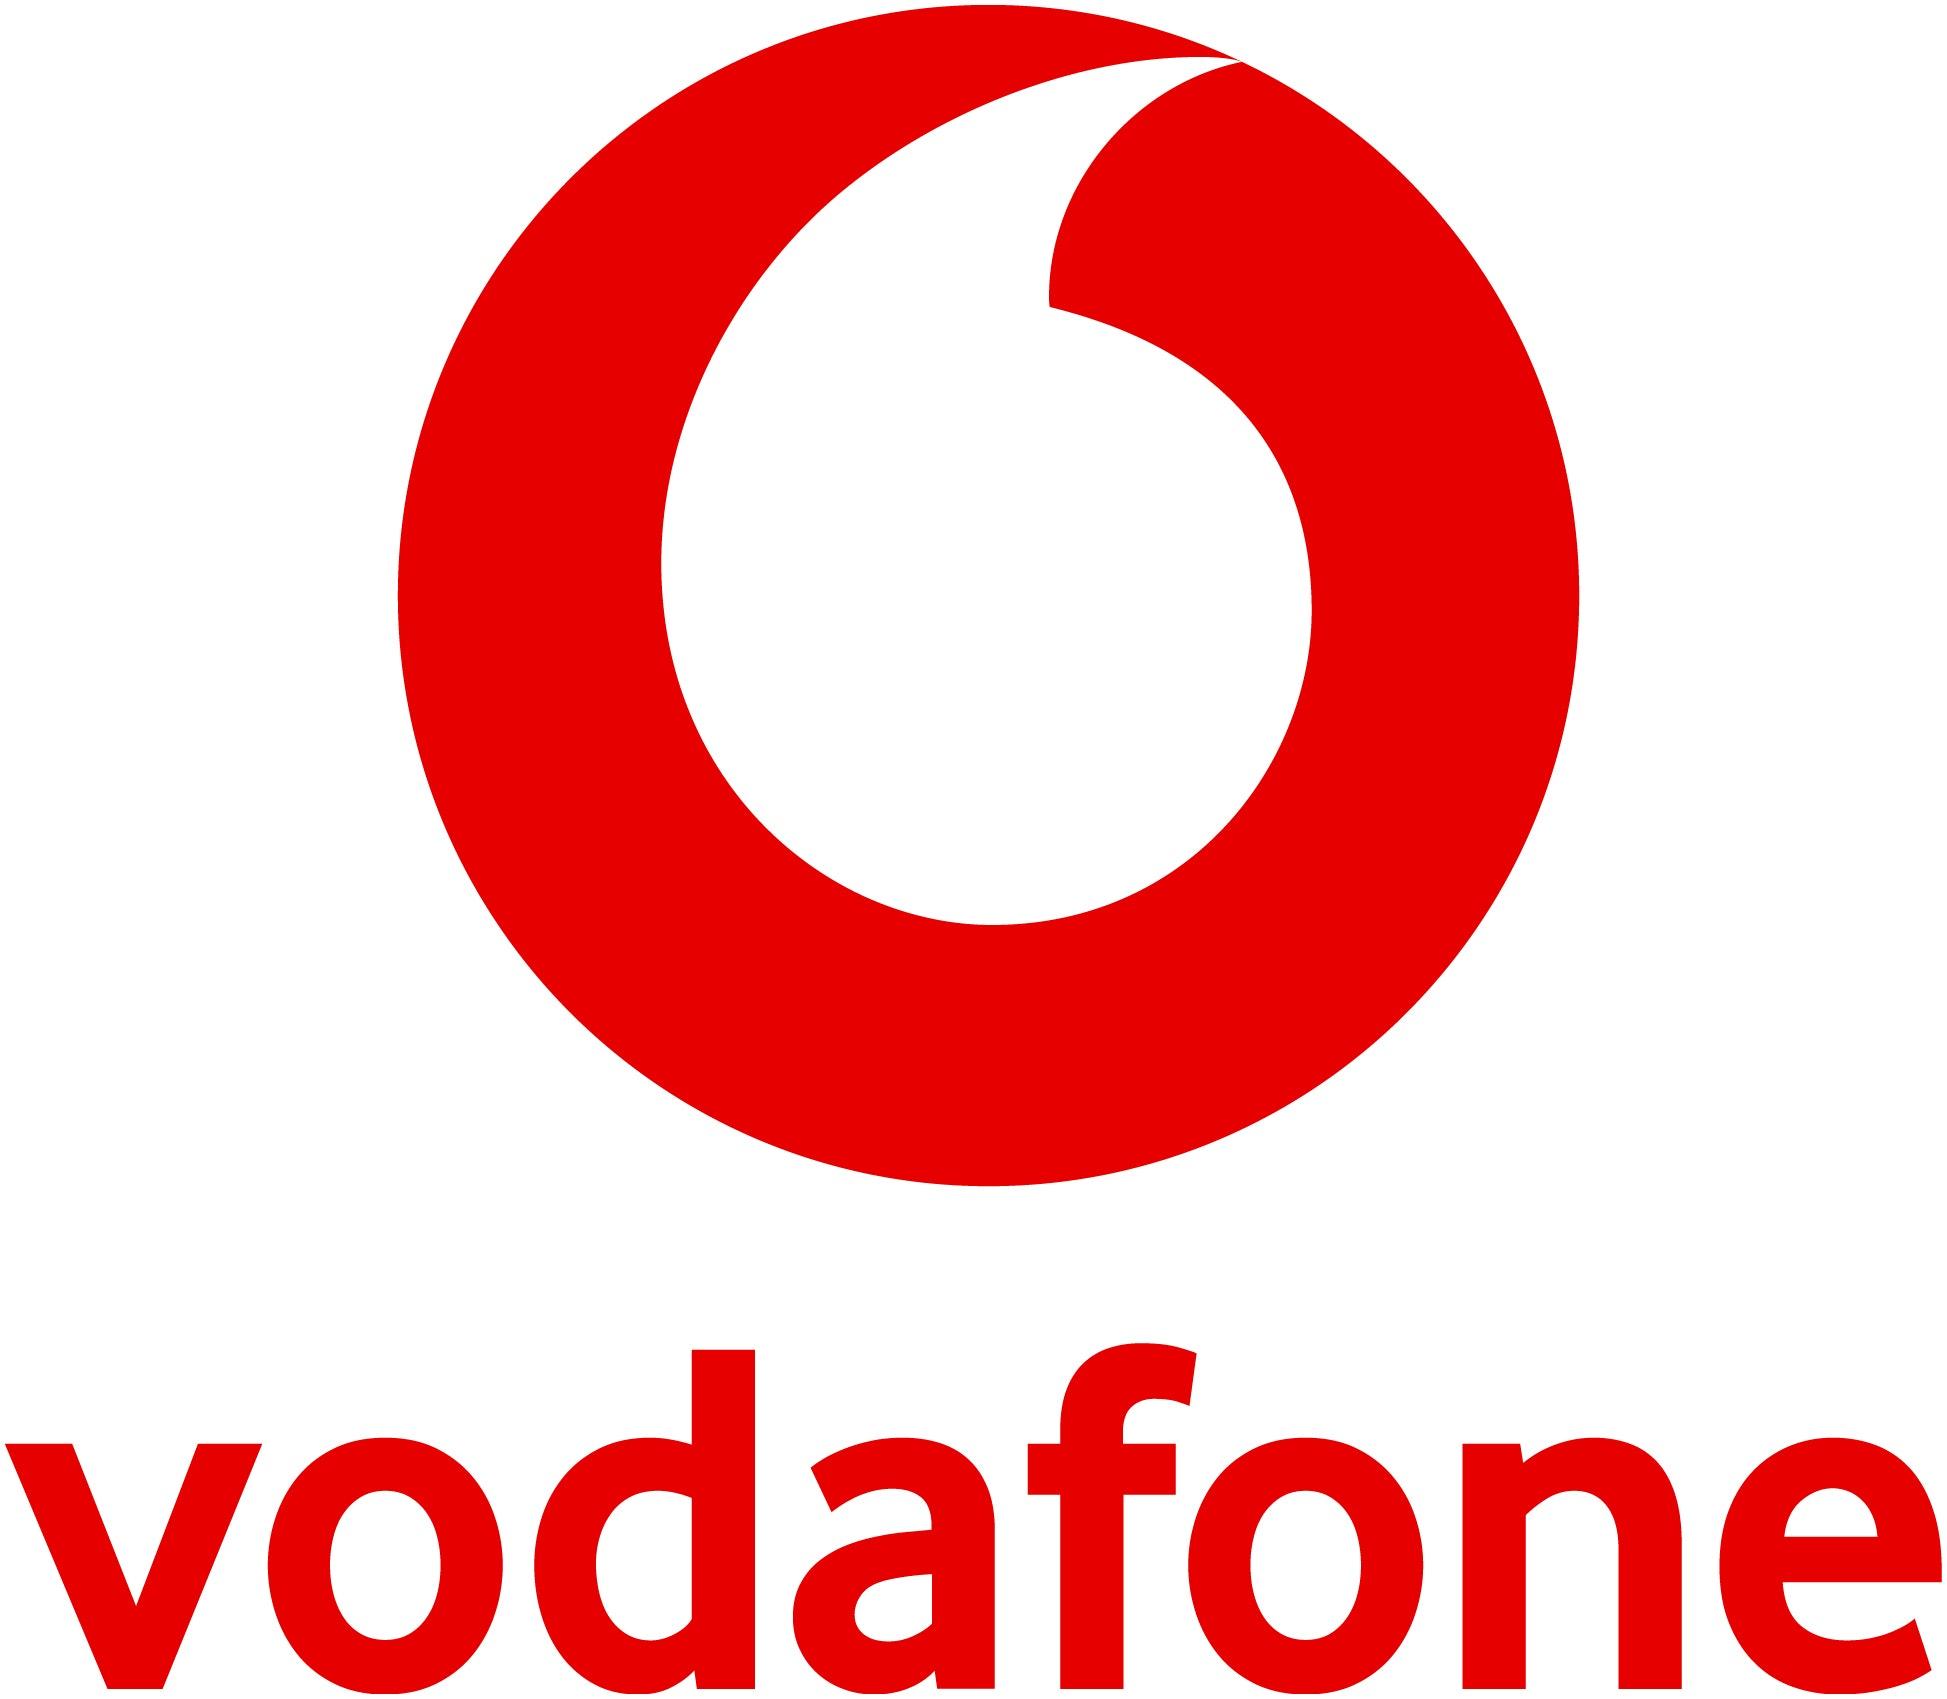 Vodafone Deutschland GmbH